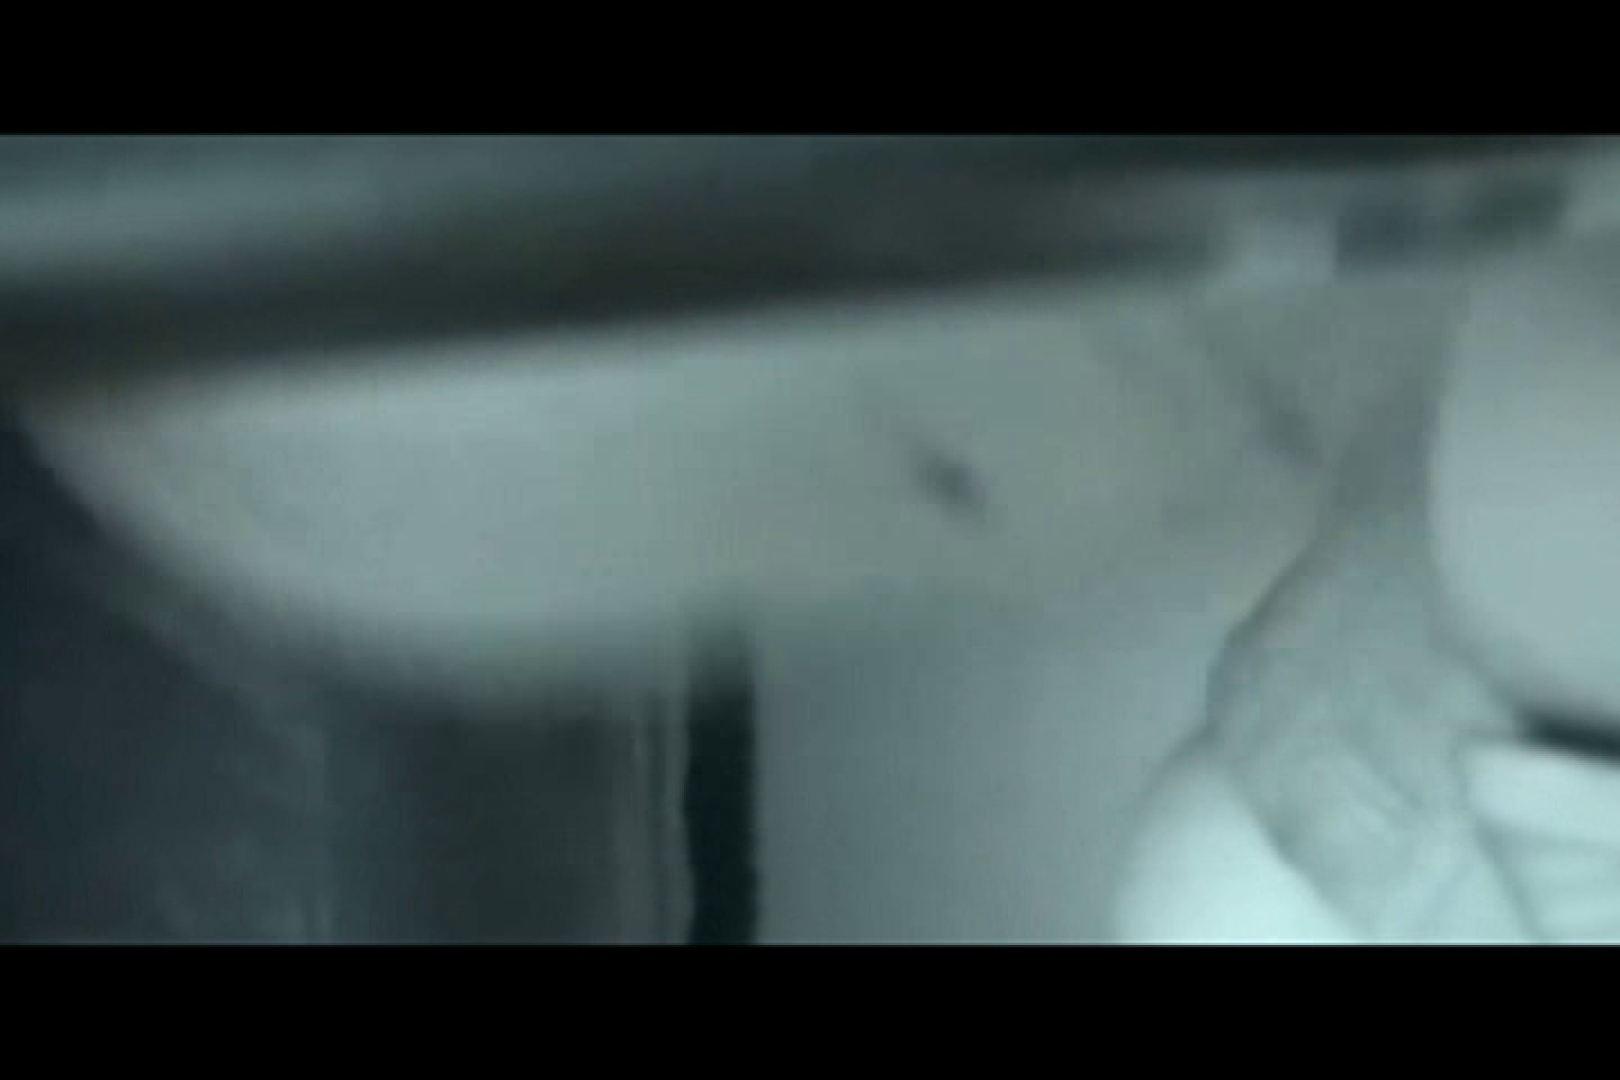 ぼっとん洗面所スペシャルVol.19 おまんこ丸見え | OL女体  87連発 55